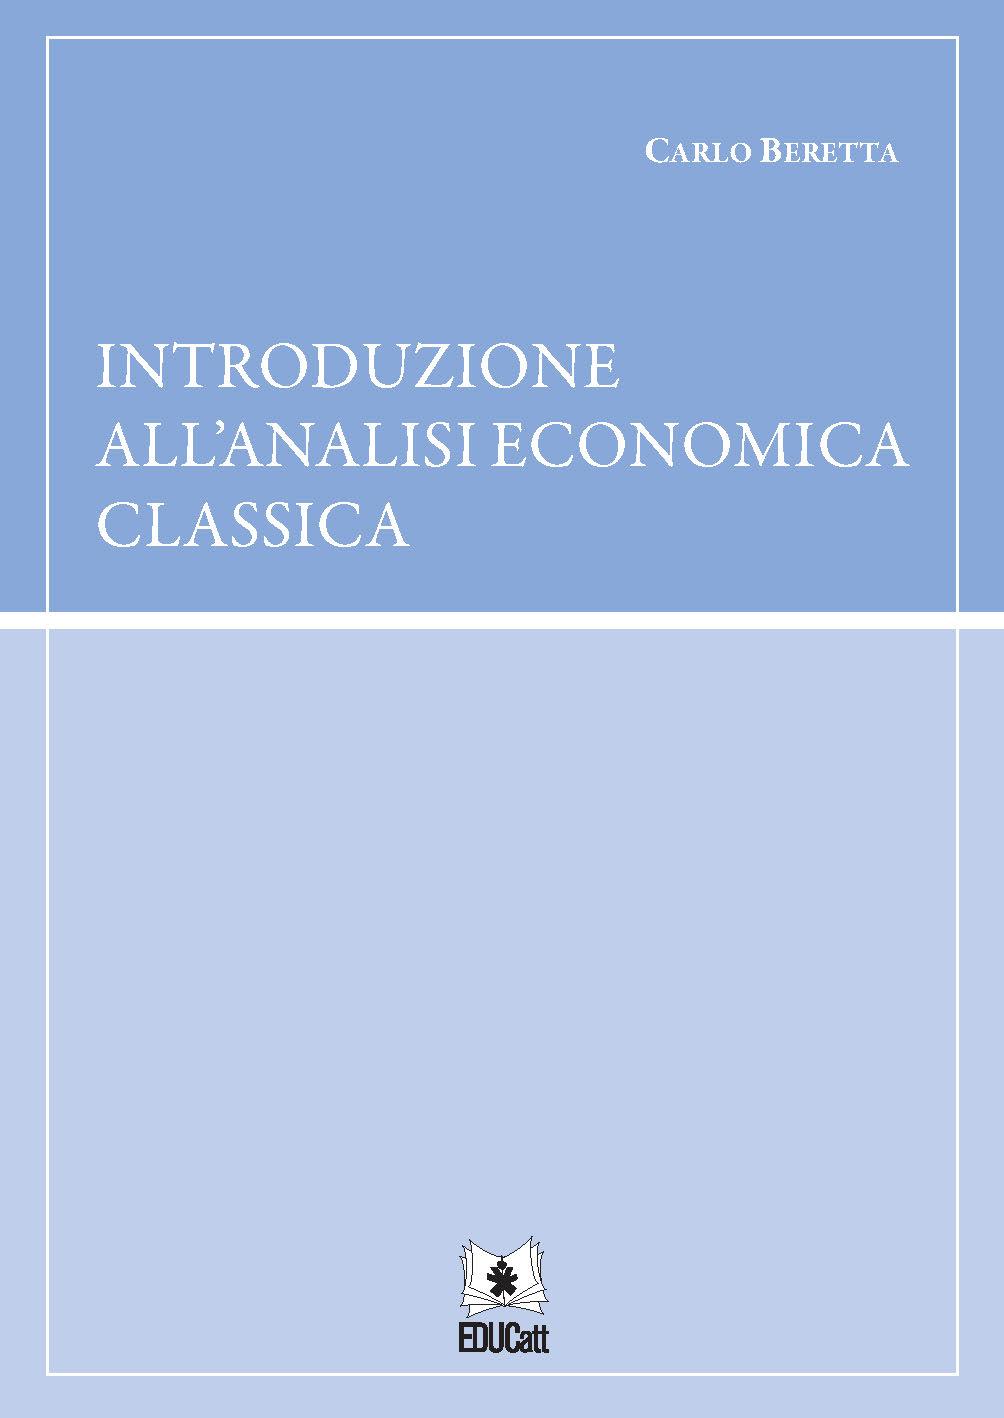 INTRODUZIONE ALL'ANALISI ECONOMICA CLASSICA